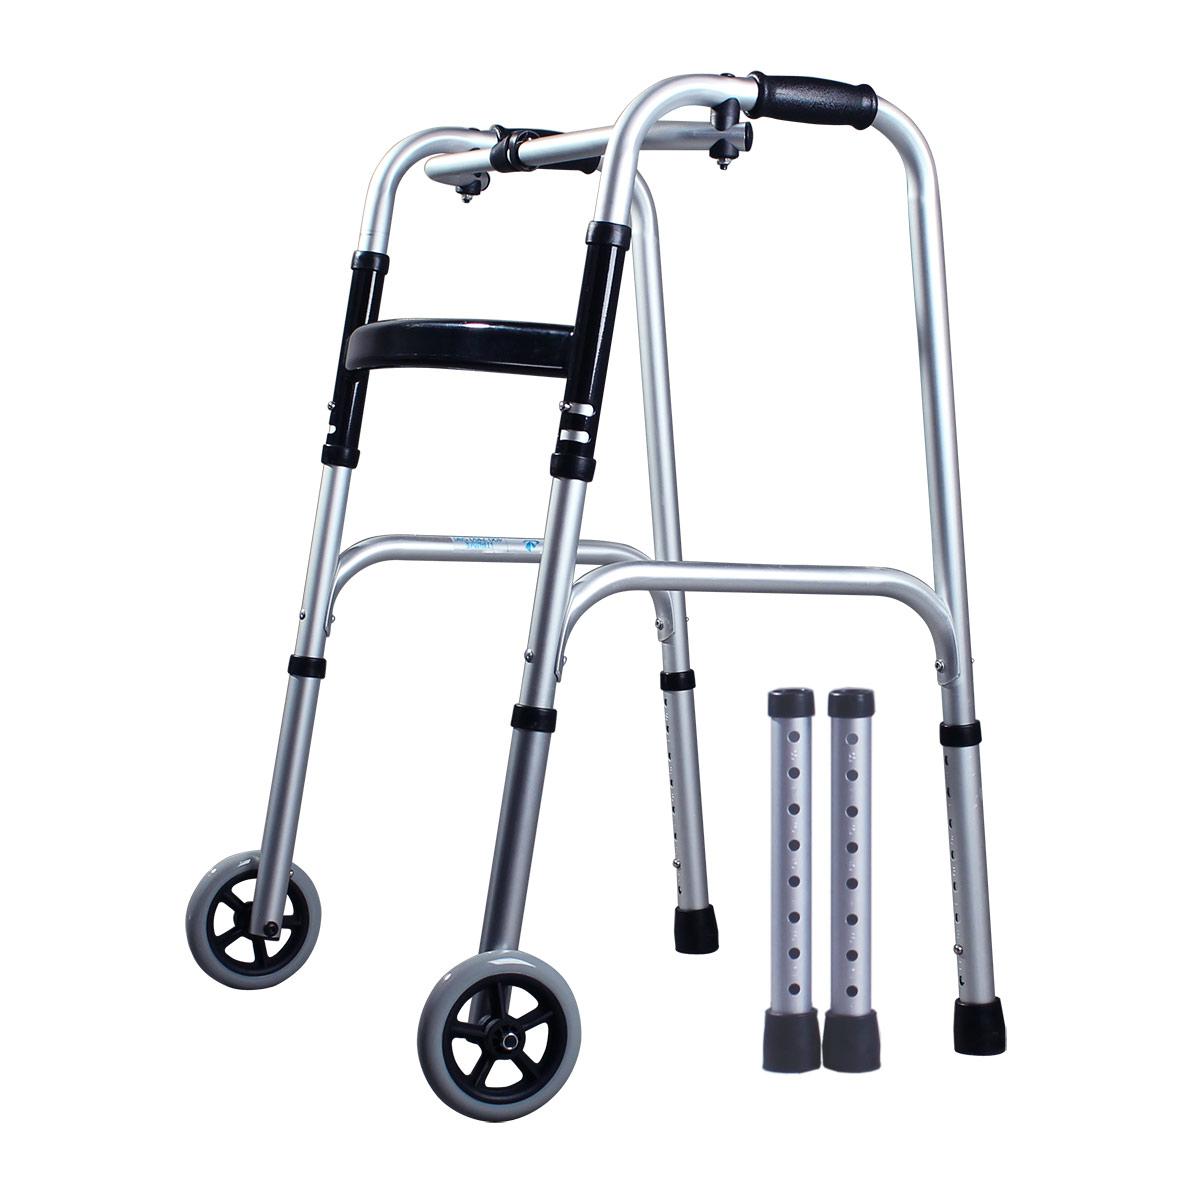 den gamle mannen walker eskorterad går går till ständiga stöd för rehabilitering av funktionshindrade personer för att bistå kryckor gånghjälpmedel